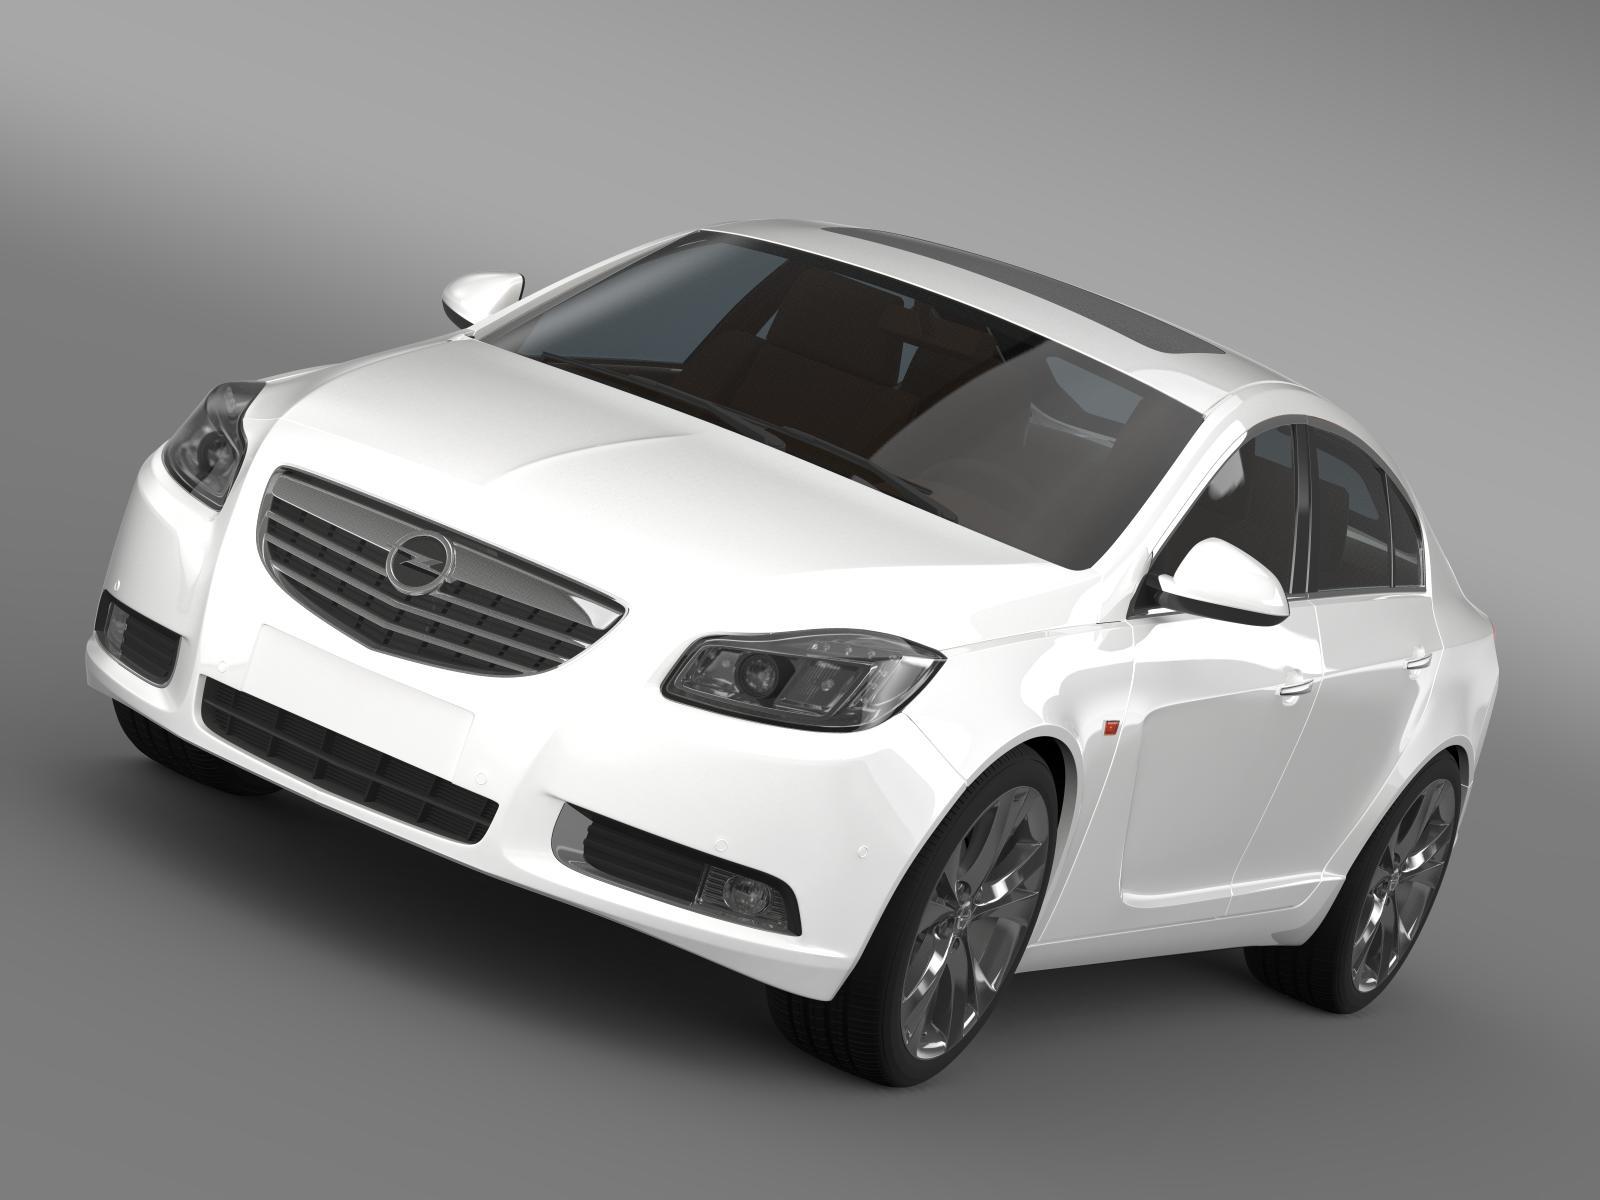 opel insignia hatchback model tyrbo 2008-13 3d model 3ds max fbx c4d ar gyfer yr hrc xsi obj 165679